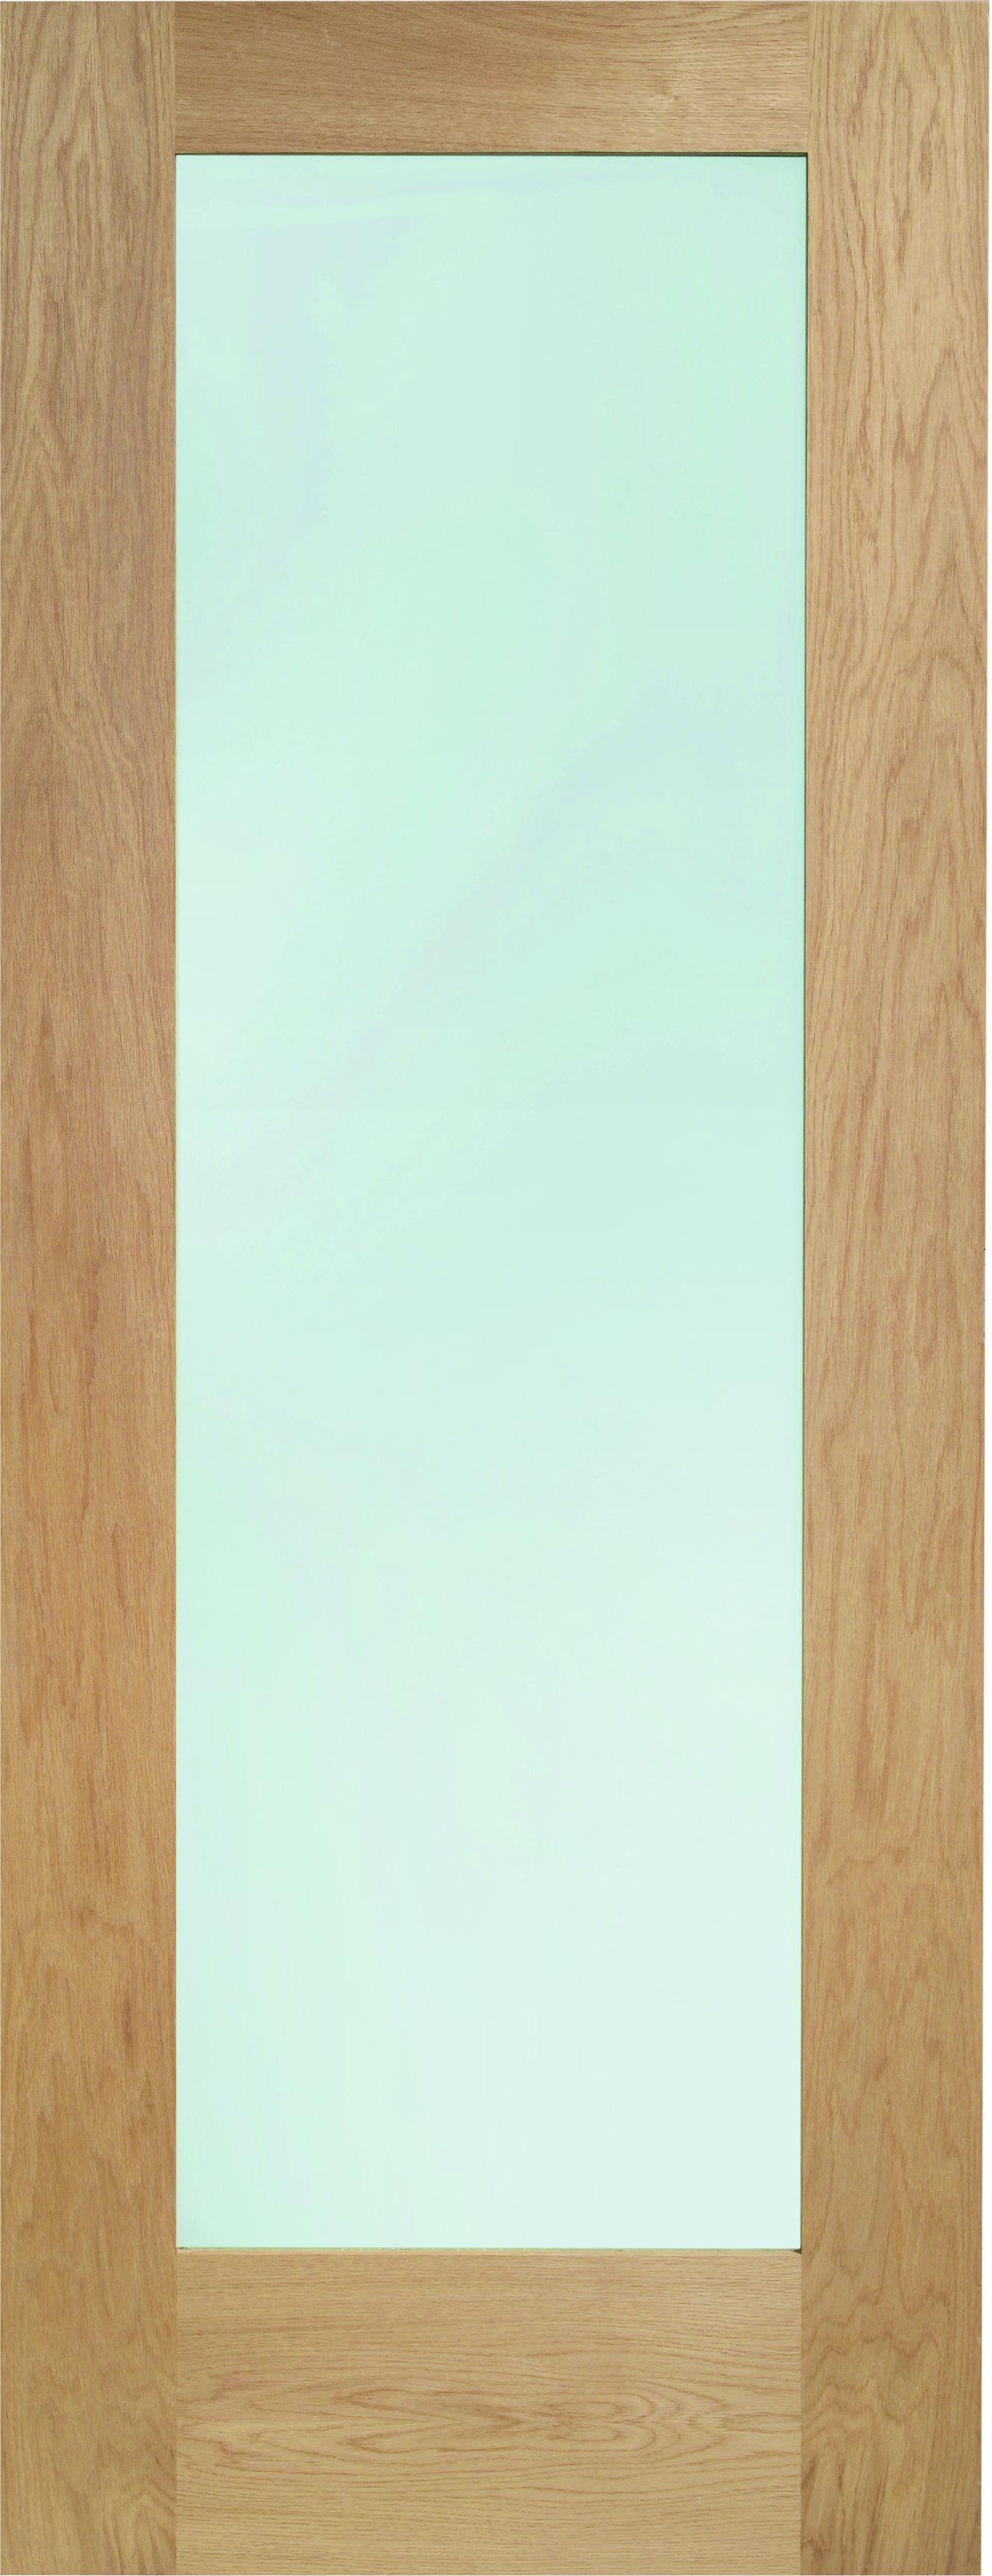 External Oak Pattern 10 Clear Glass.jpg